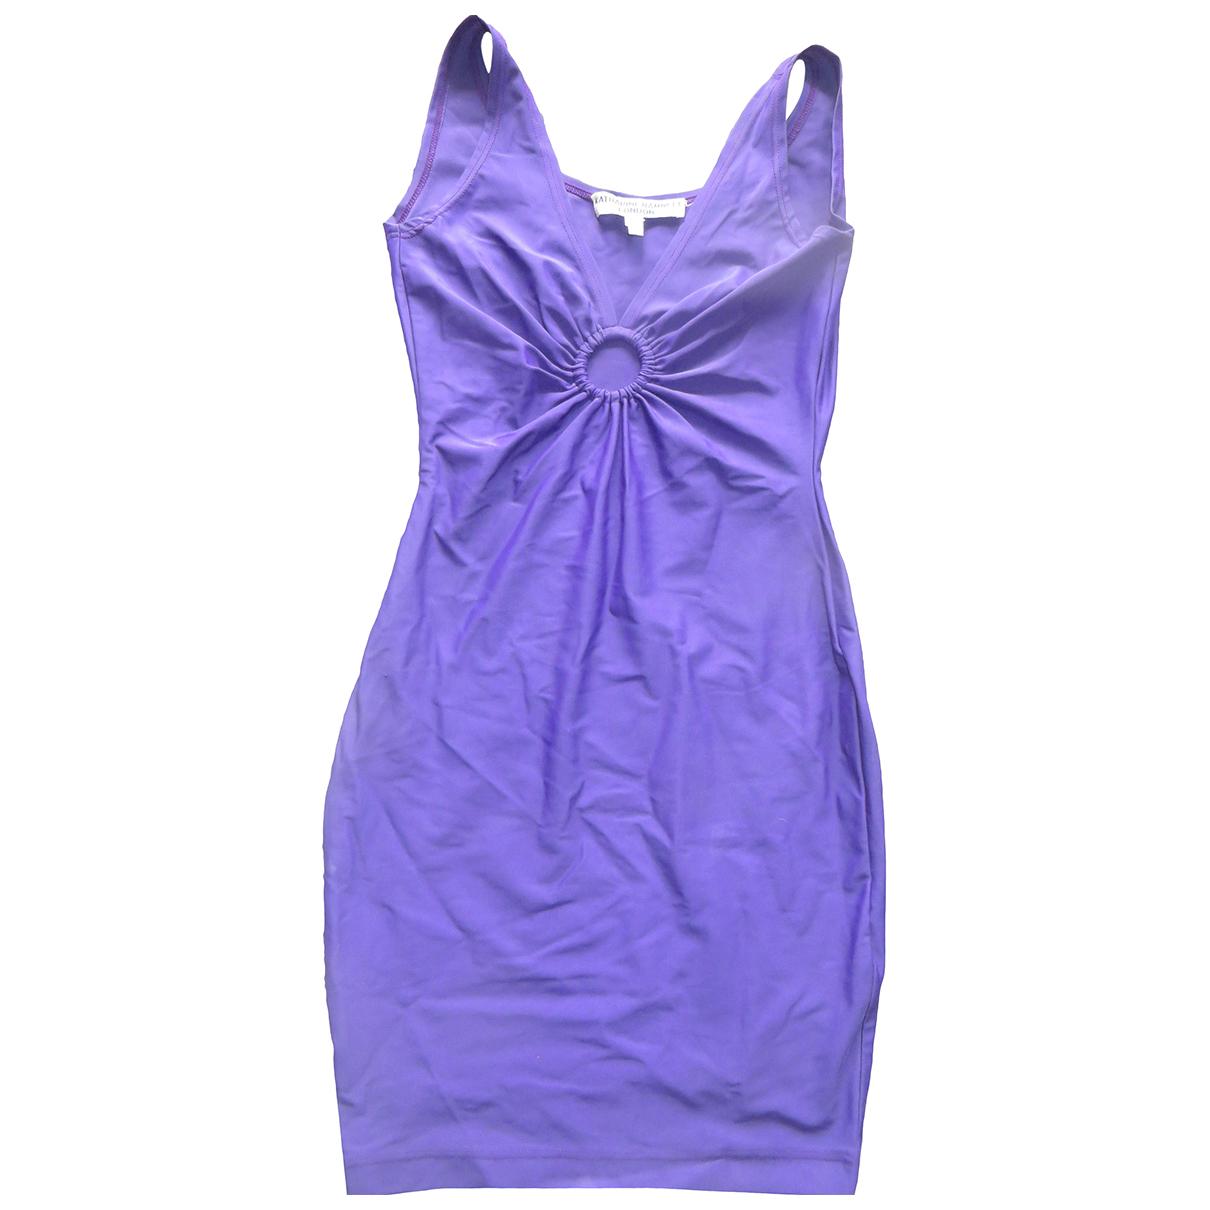 Katharine Hamnett \N Kleid in  Lila Polyester